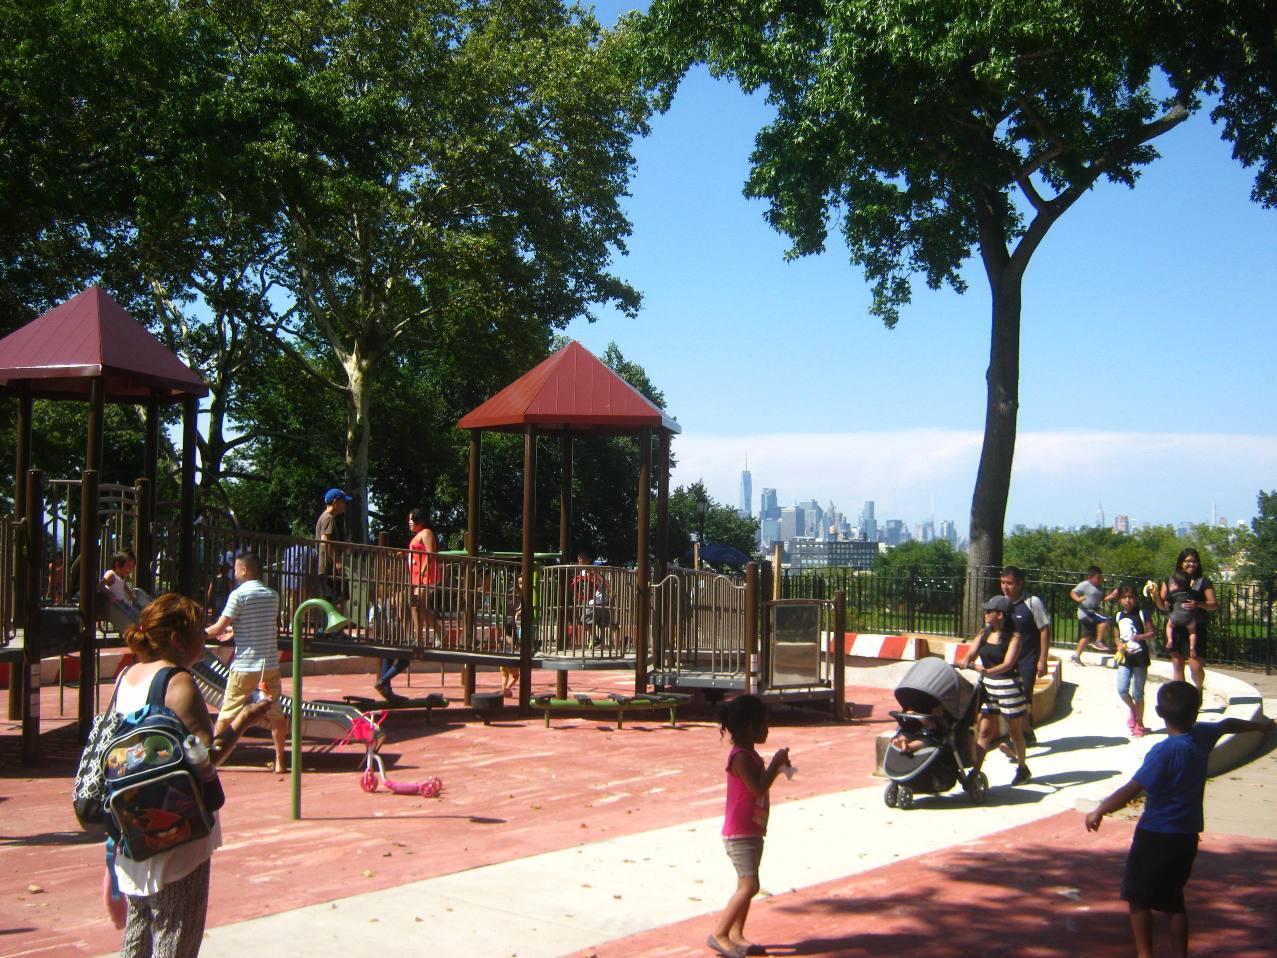 ブルックリンのサンセット公園・子どもの遊び場